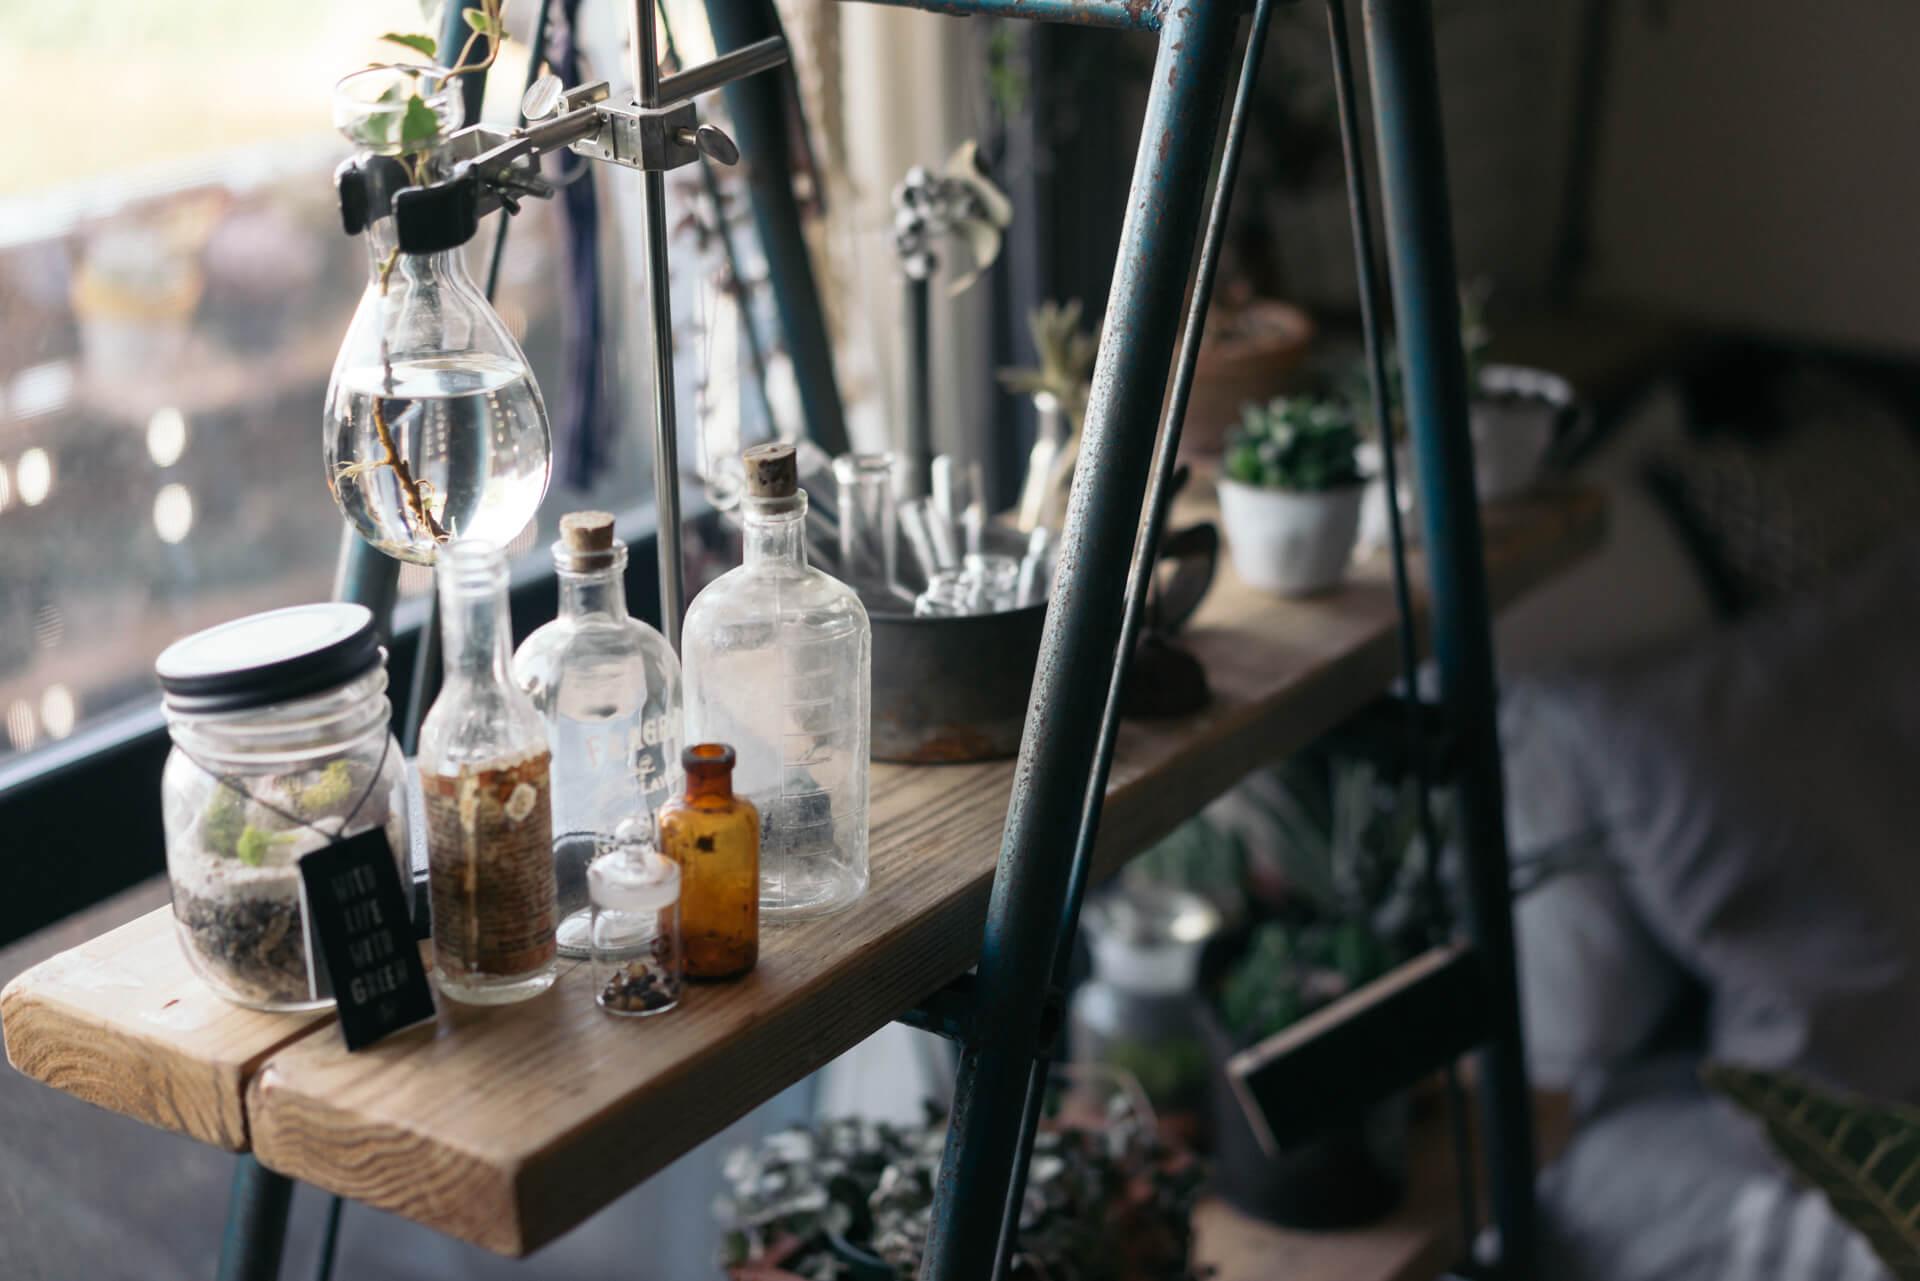 錆びの感じが気に入ったというネットオークションで見つけたラダーに、足場板をのせて小物の棚に。ガラス瓶など同じ種類のものを集めて飾るとごちゃつきません。